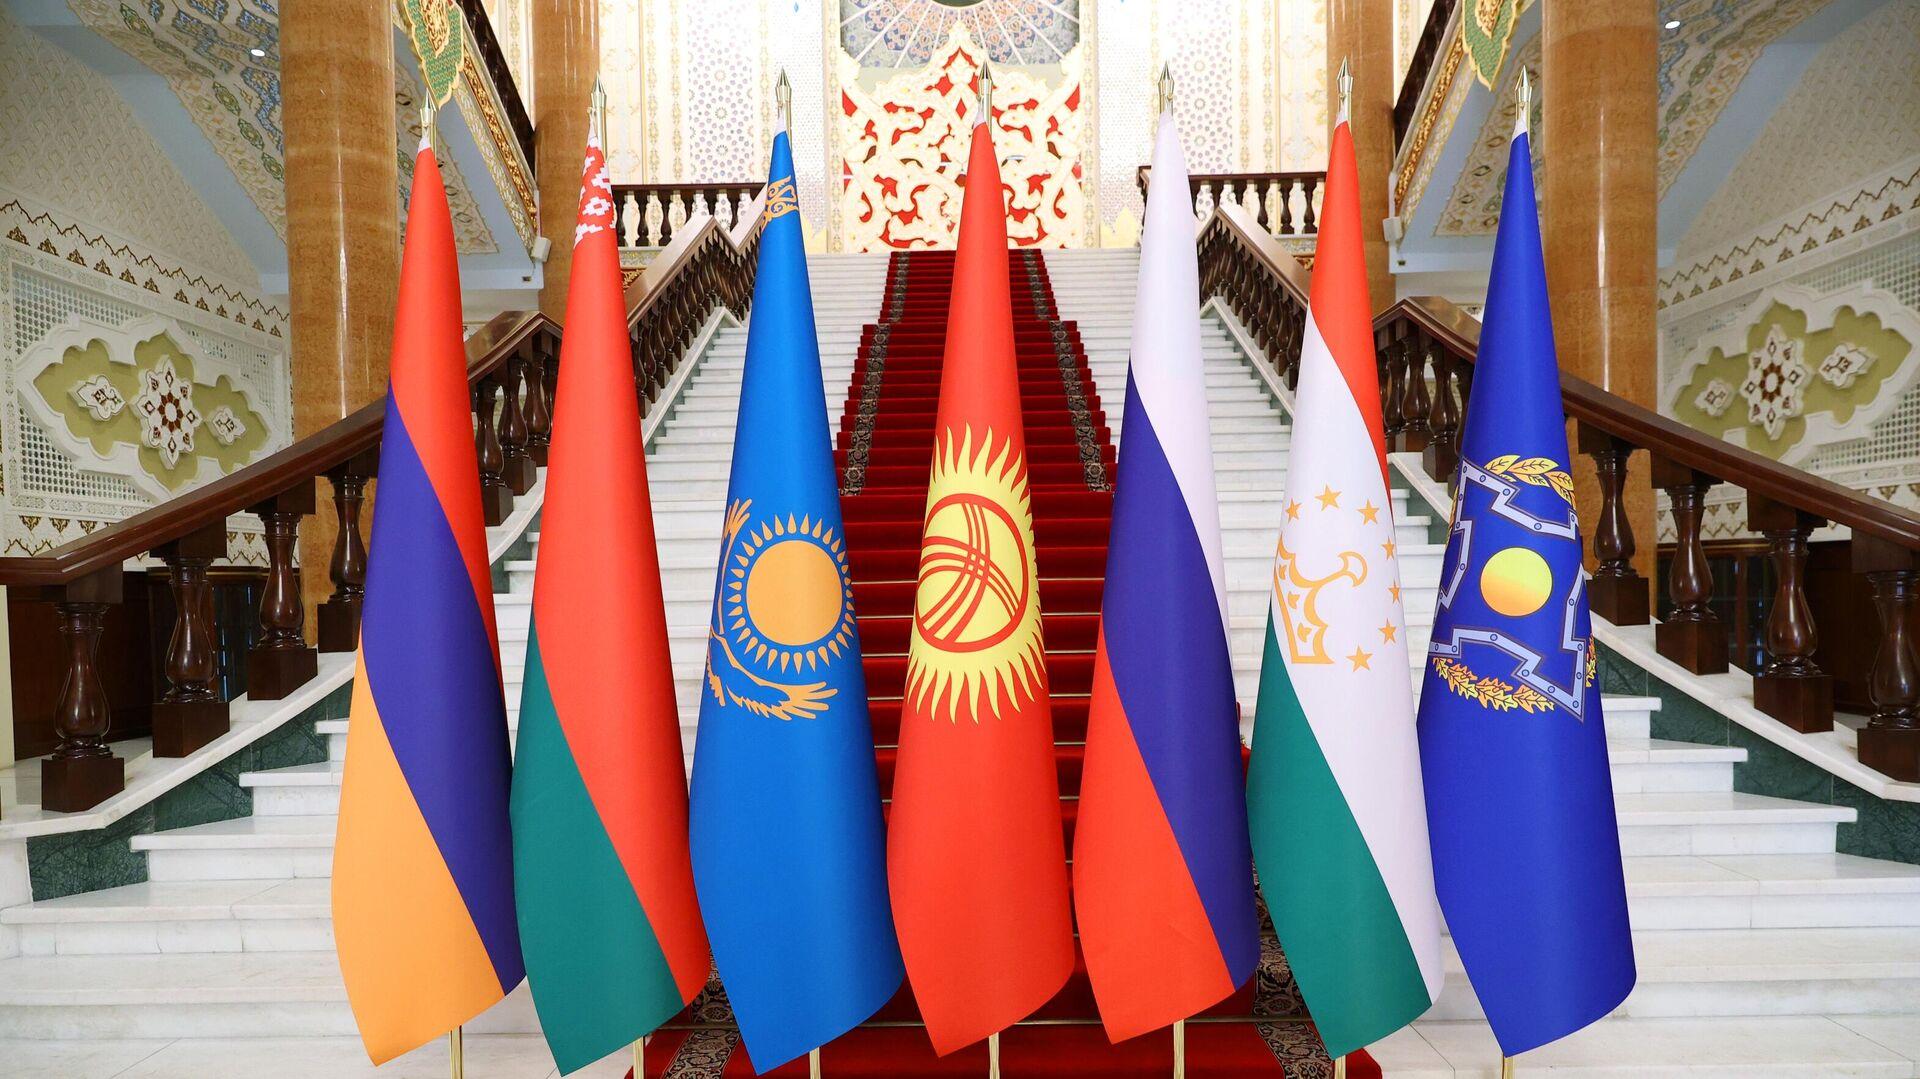 Заседание Совета коллективной безопасности ОДКБ - Sputnik Արմենիա, 1920, 18.09.2021